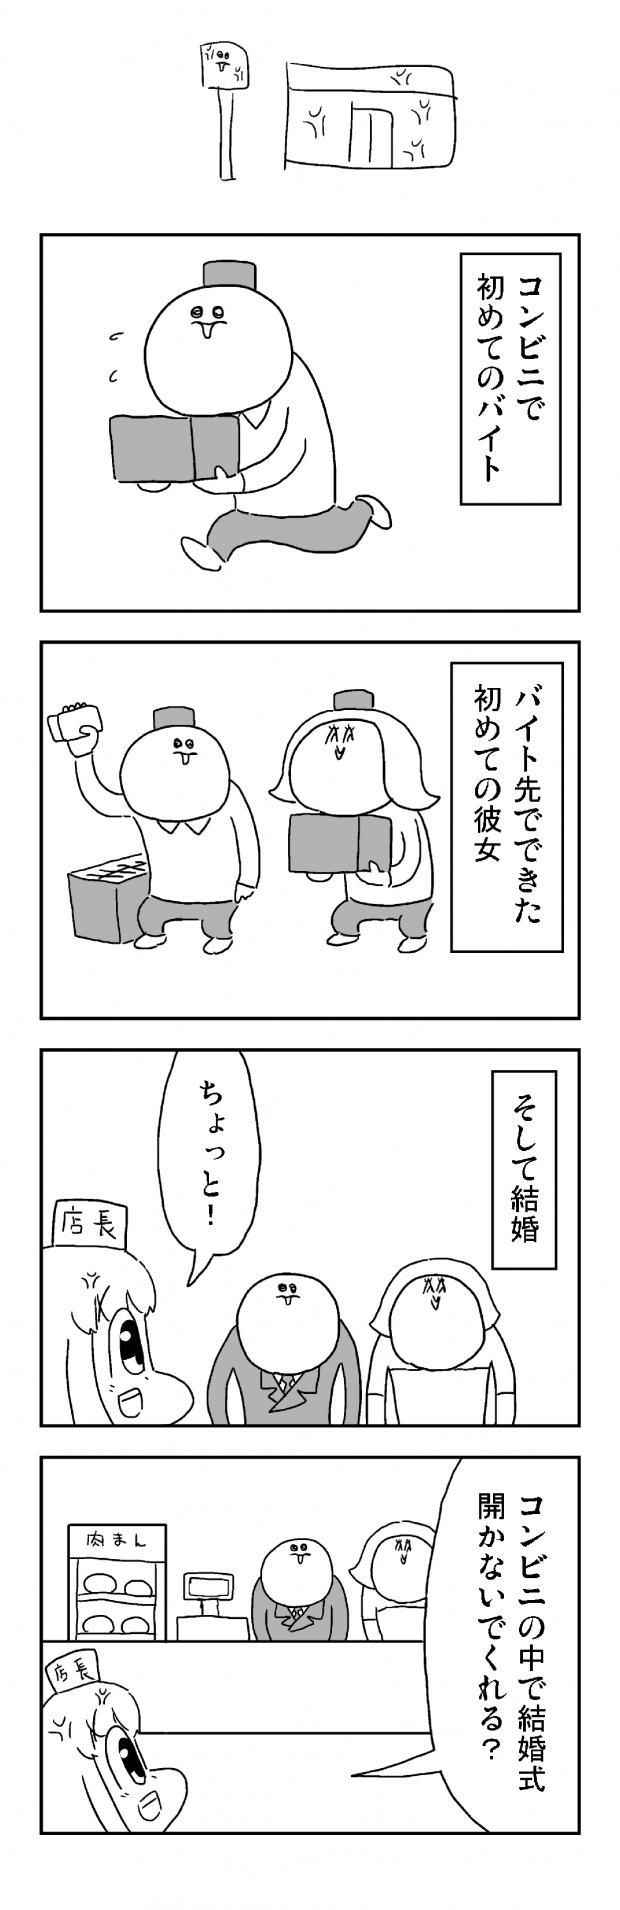 亞さめ 4コマ ギャグ お笑い シュール あるある 漫画 タウンワークマガジン